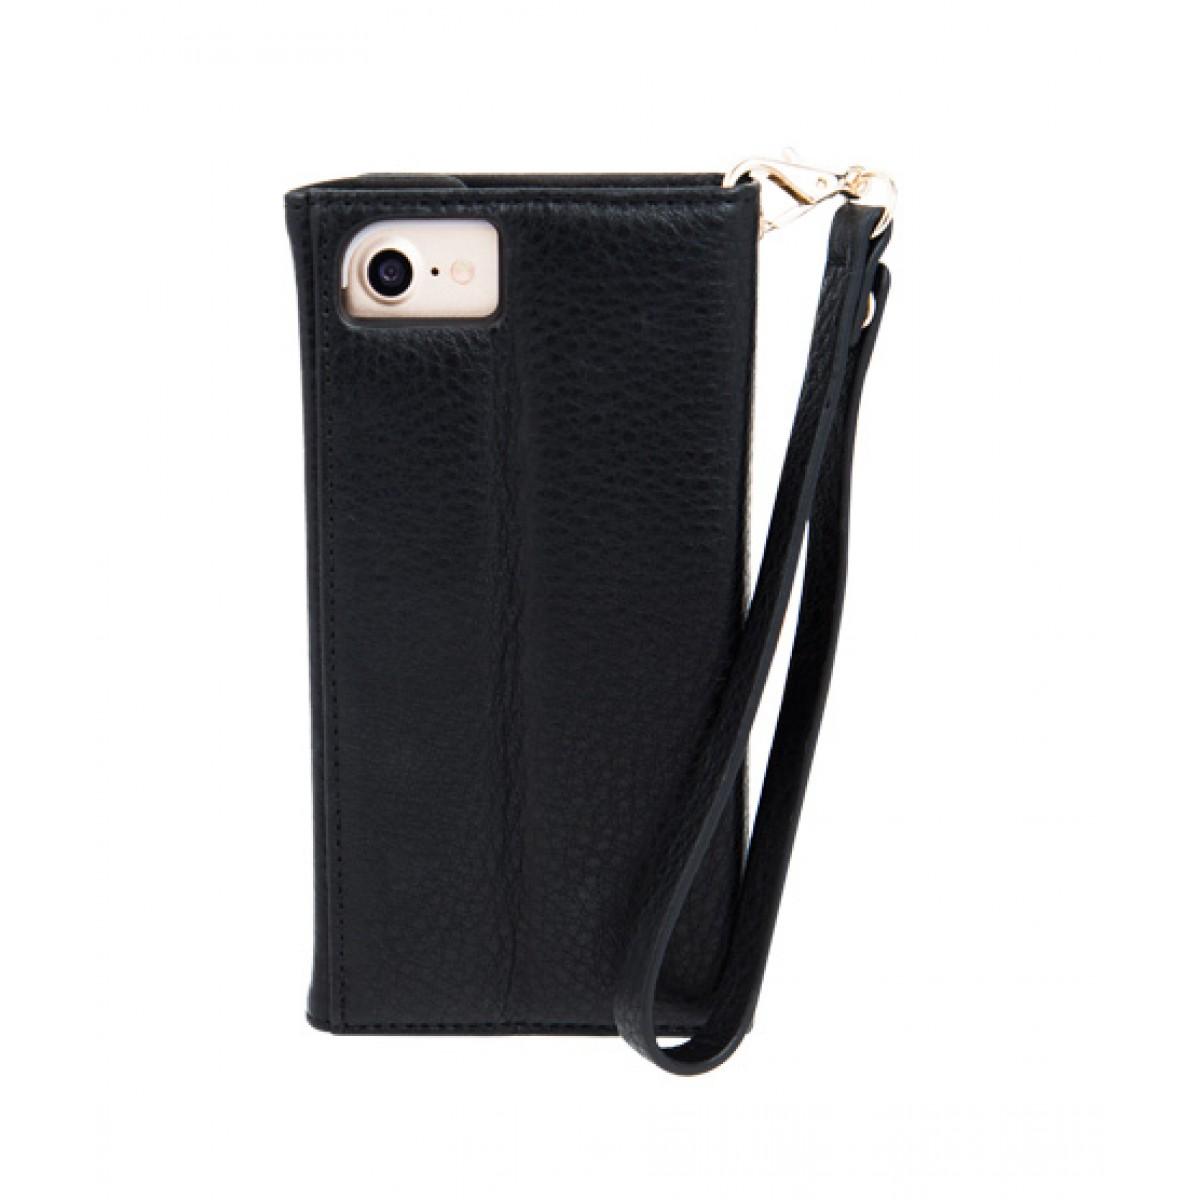 best authentic c98ce 8d72c Case Mate Folio Wristlet Case Black For iPhone 7 Plus